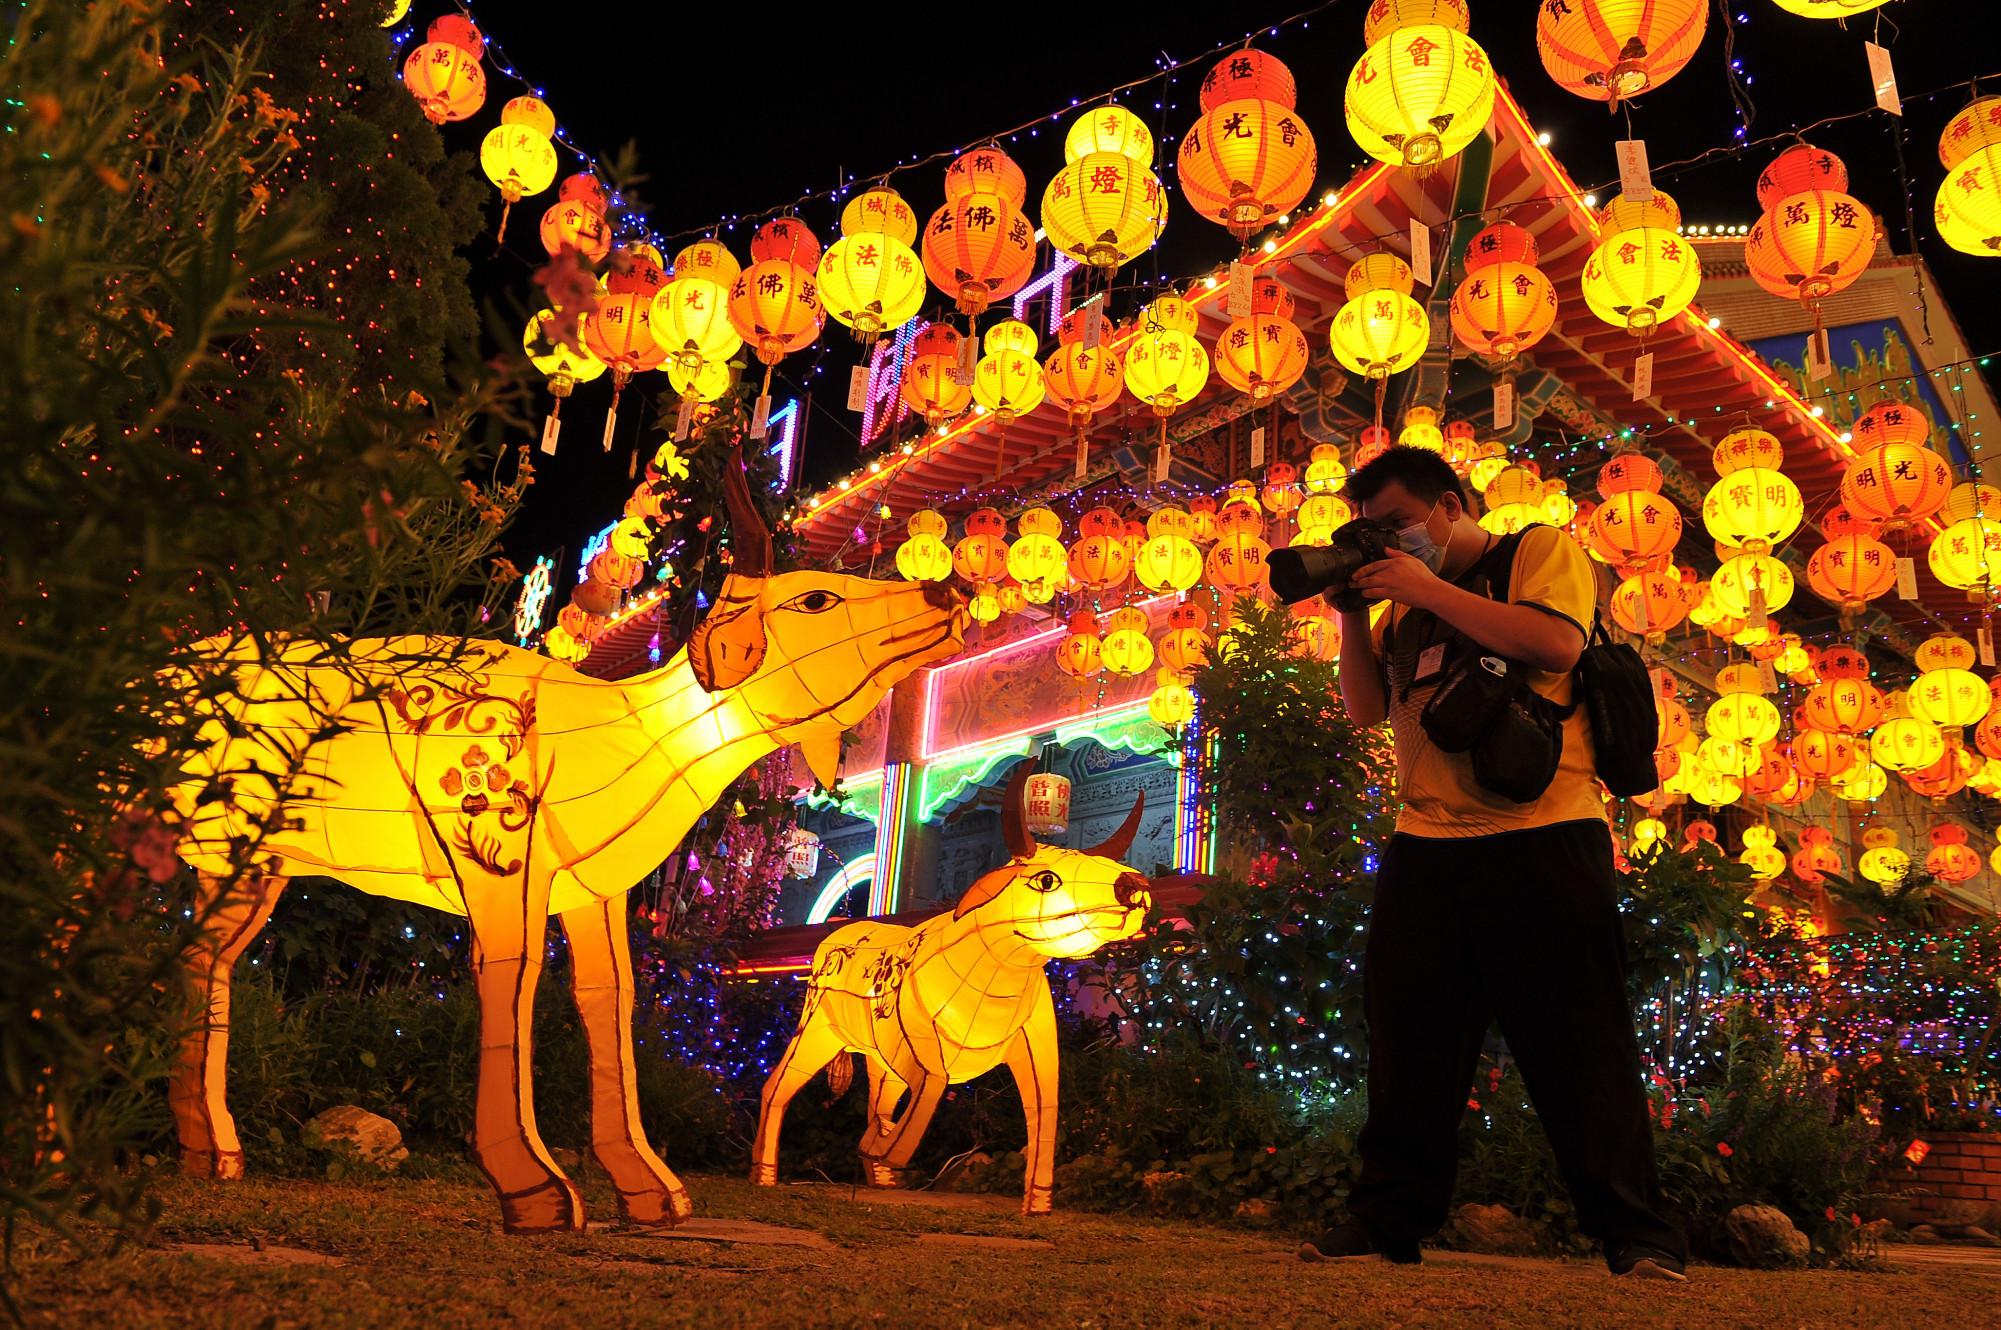 槟从MCO转为CMCO 极乐寺延续亮灯供民众参观